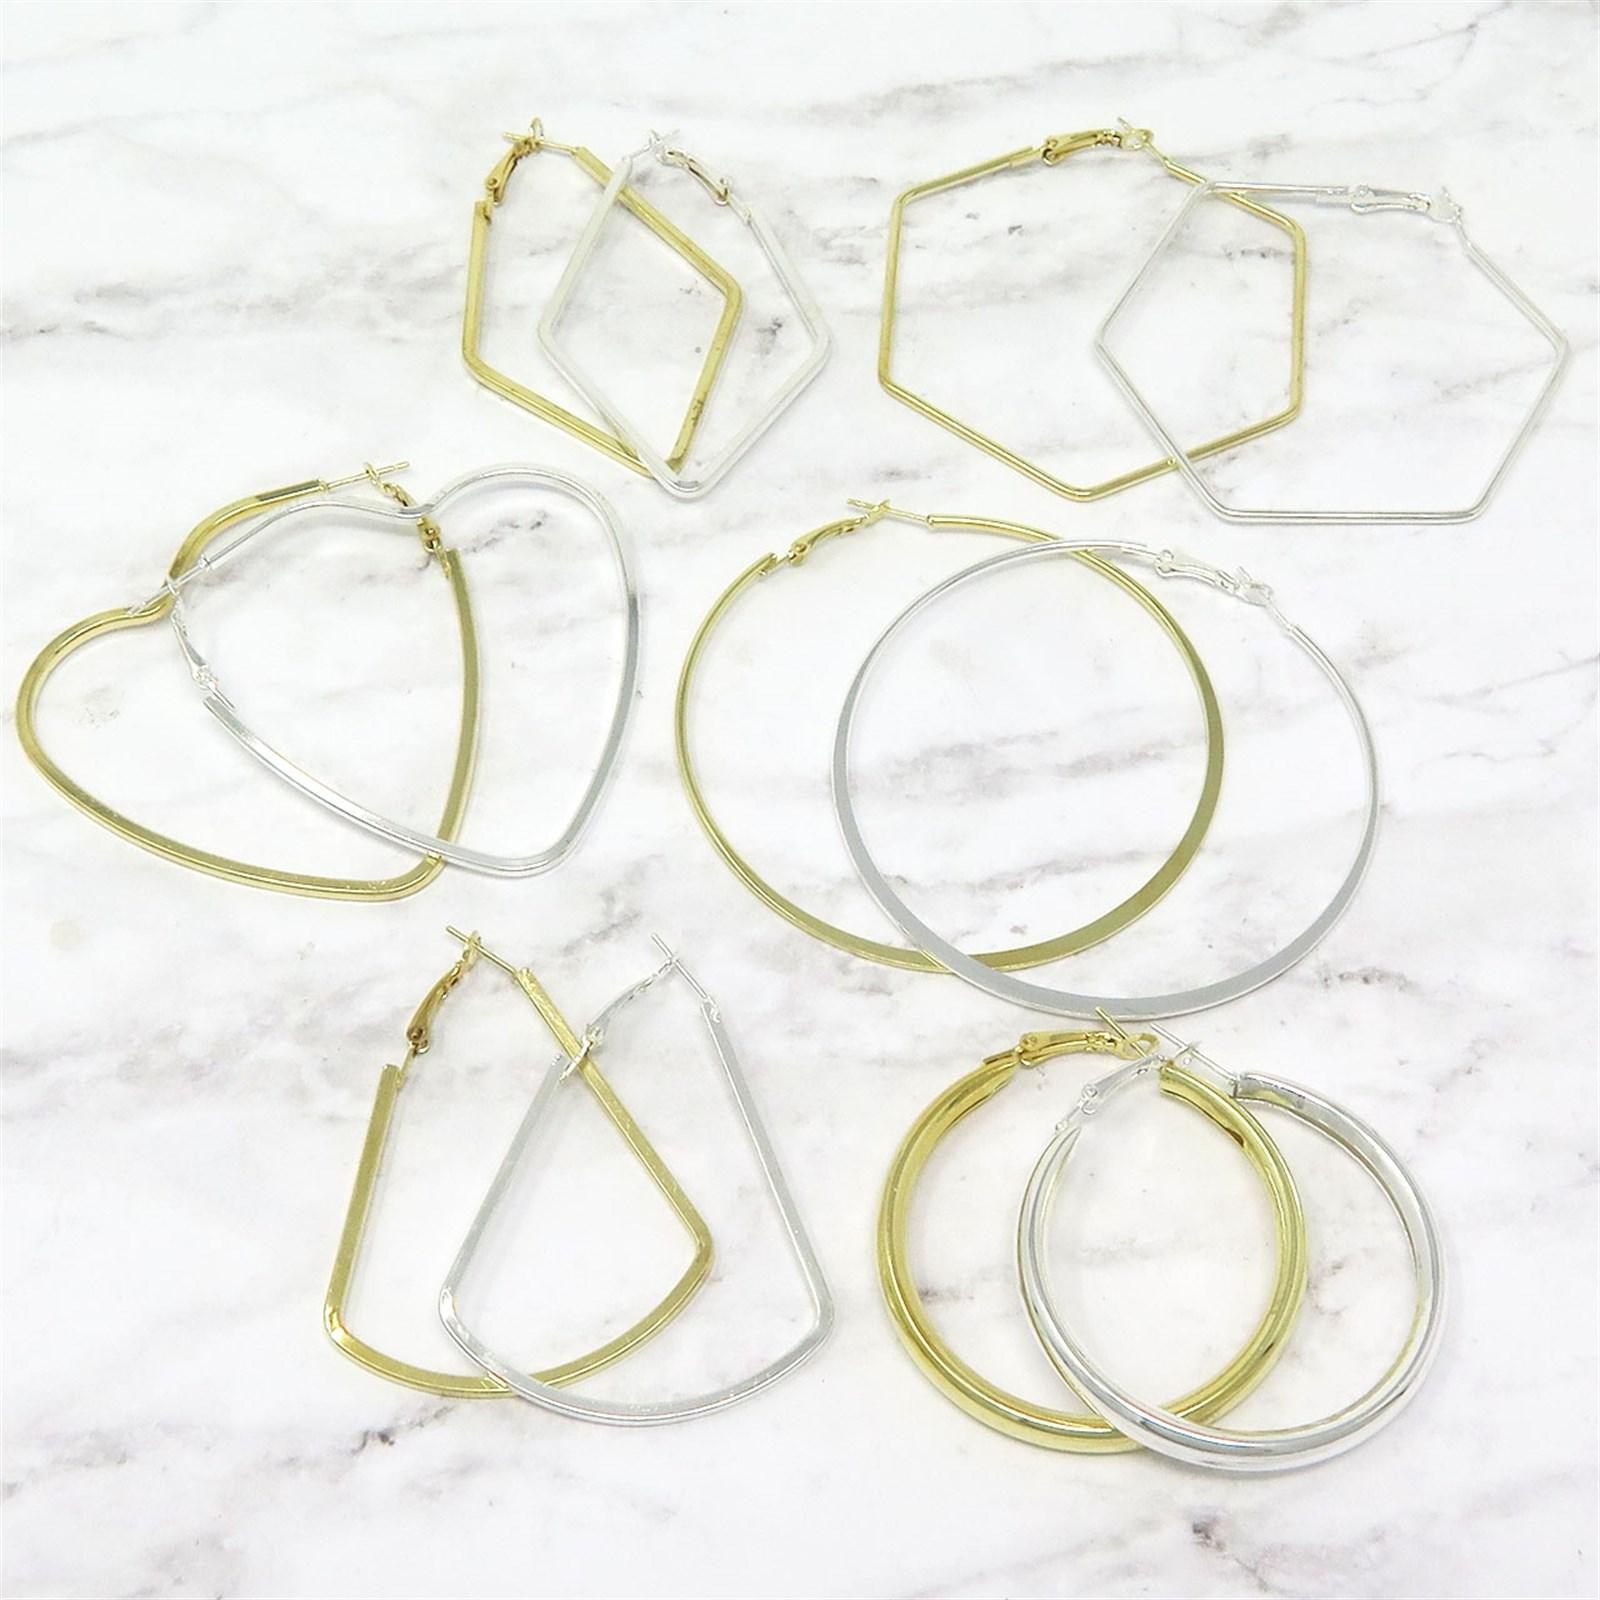 Wired Hoop Earrings